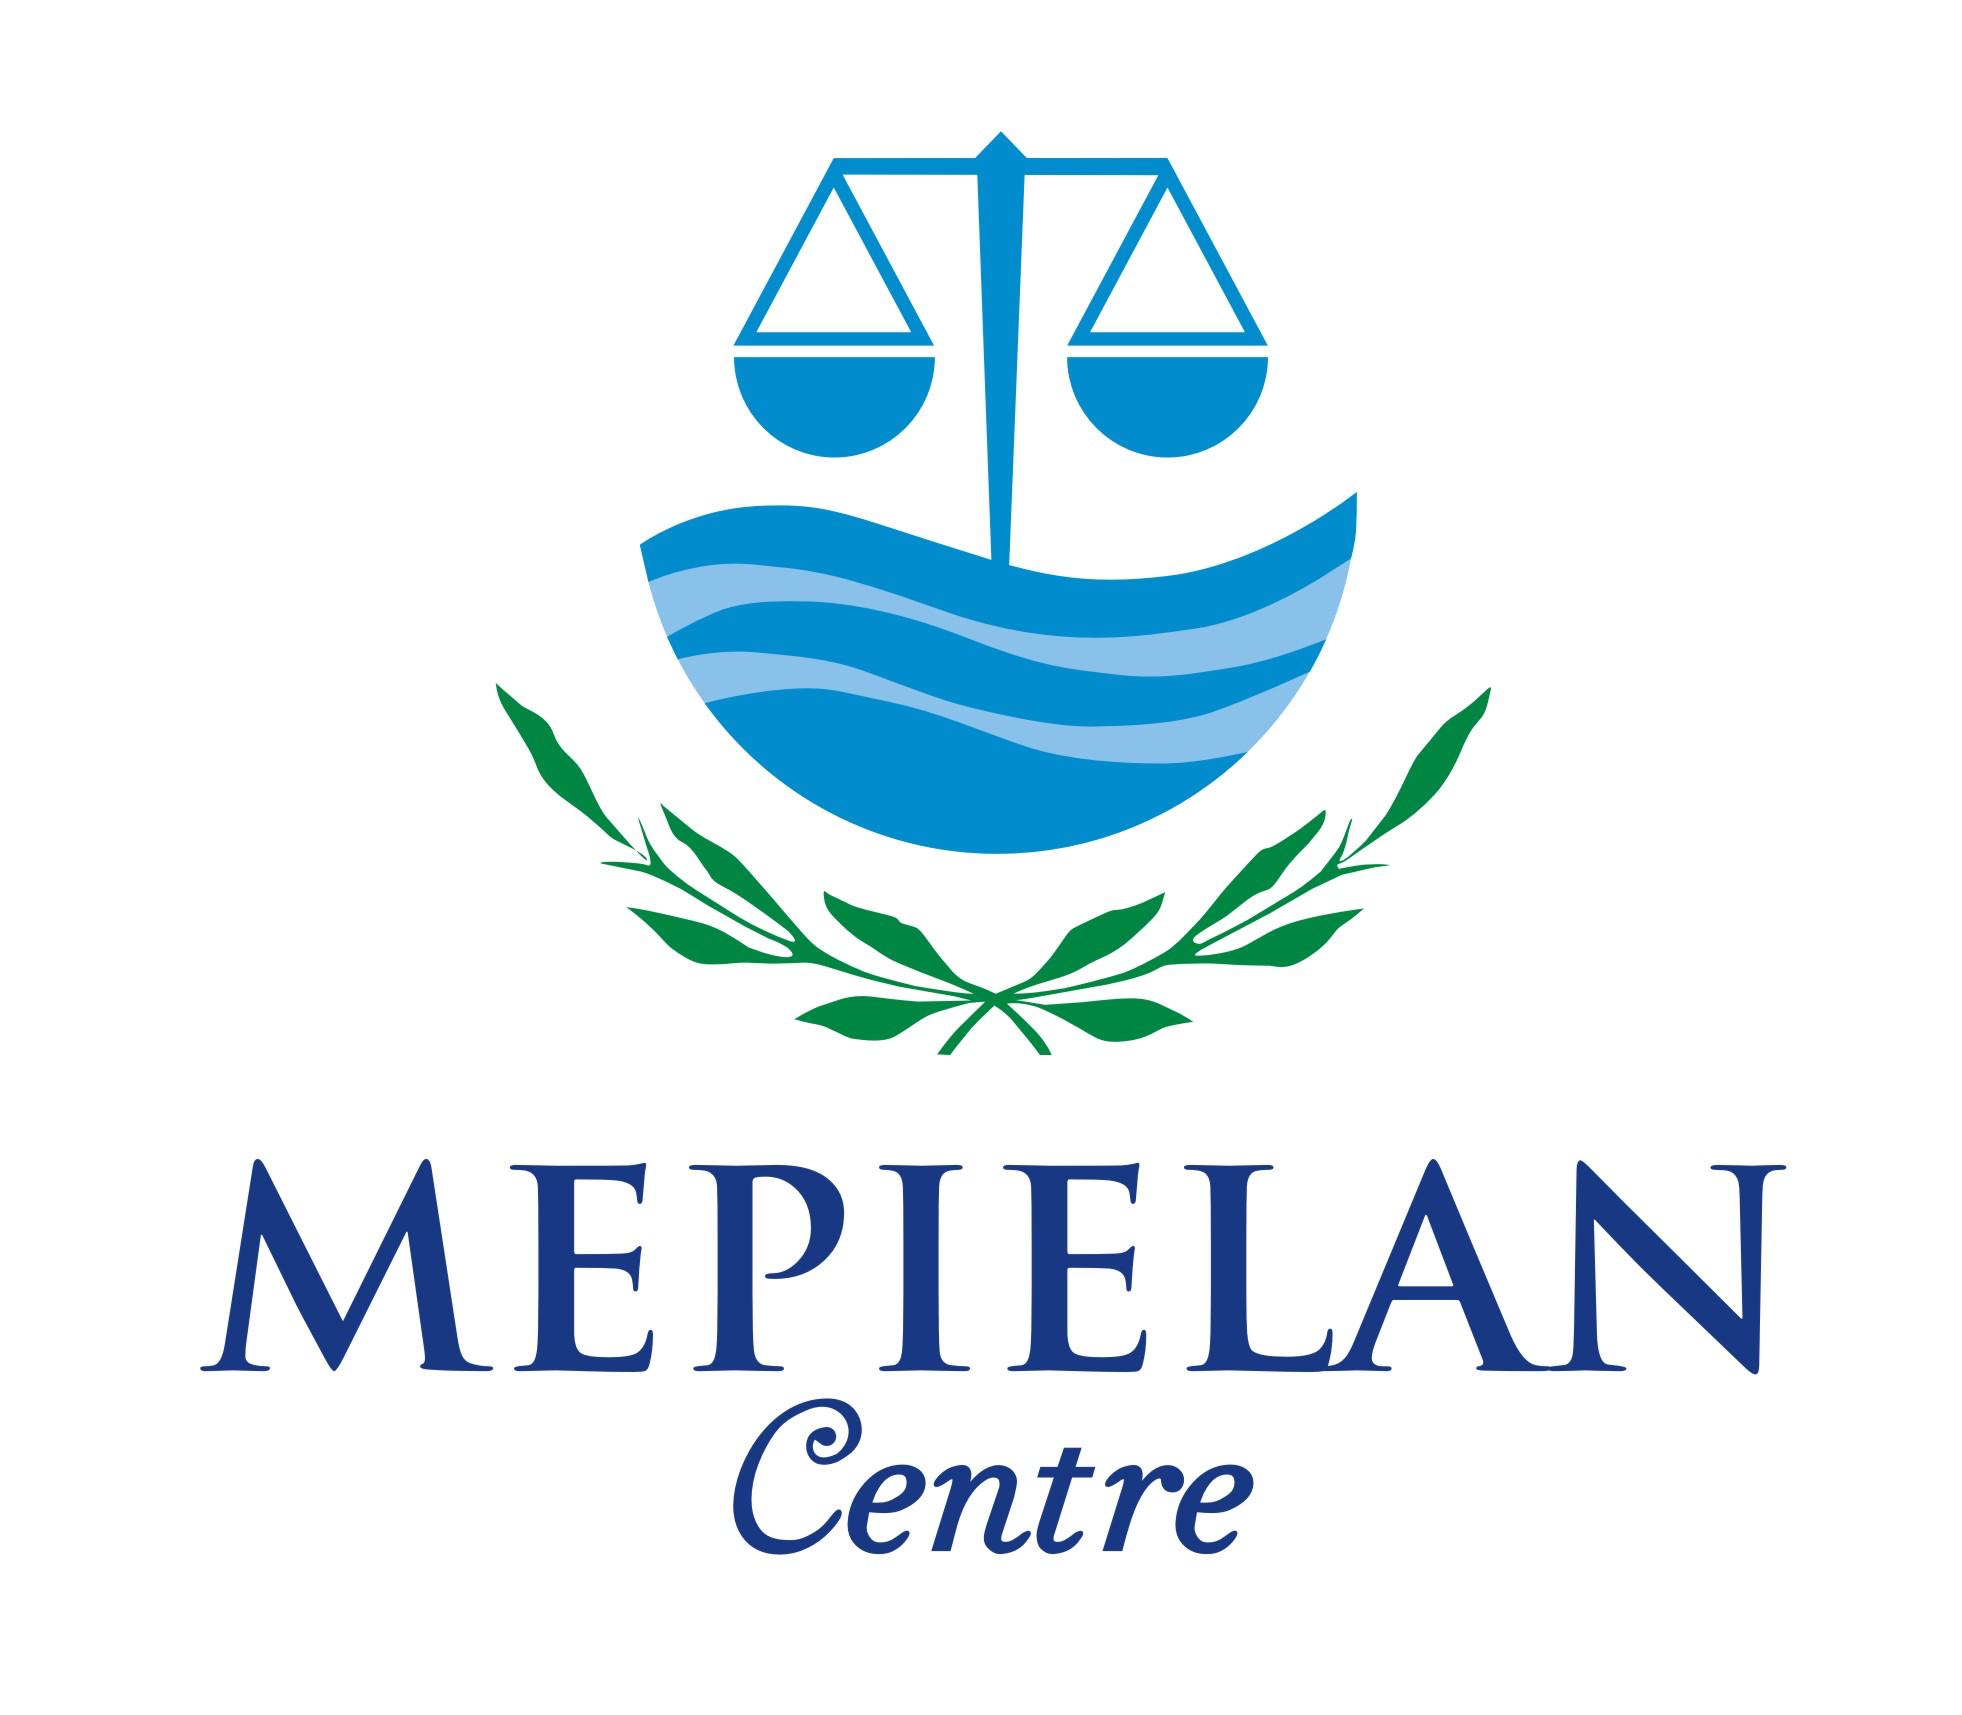 Mepielan center